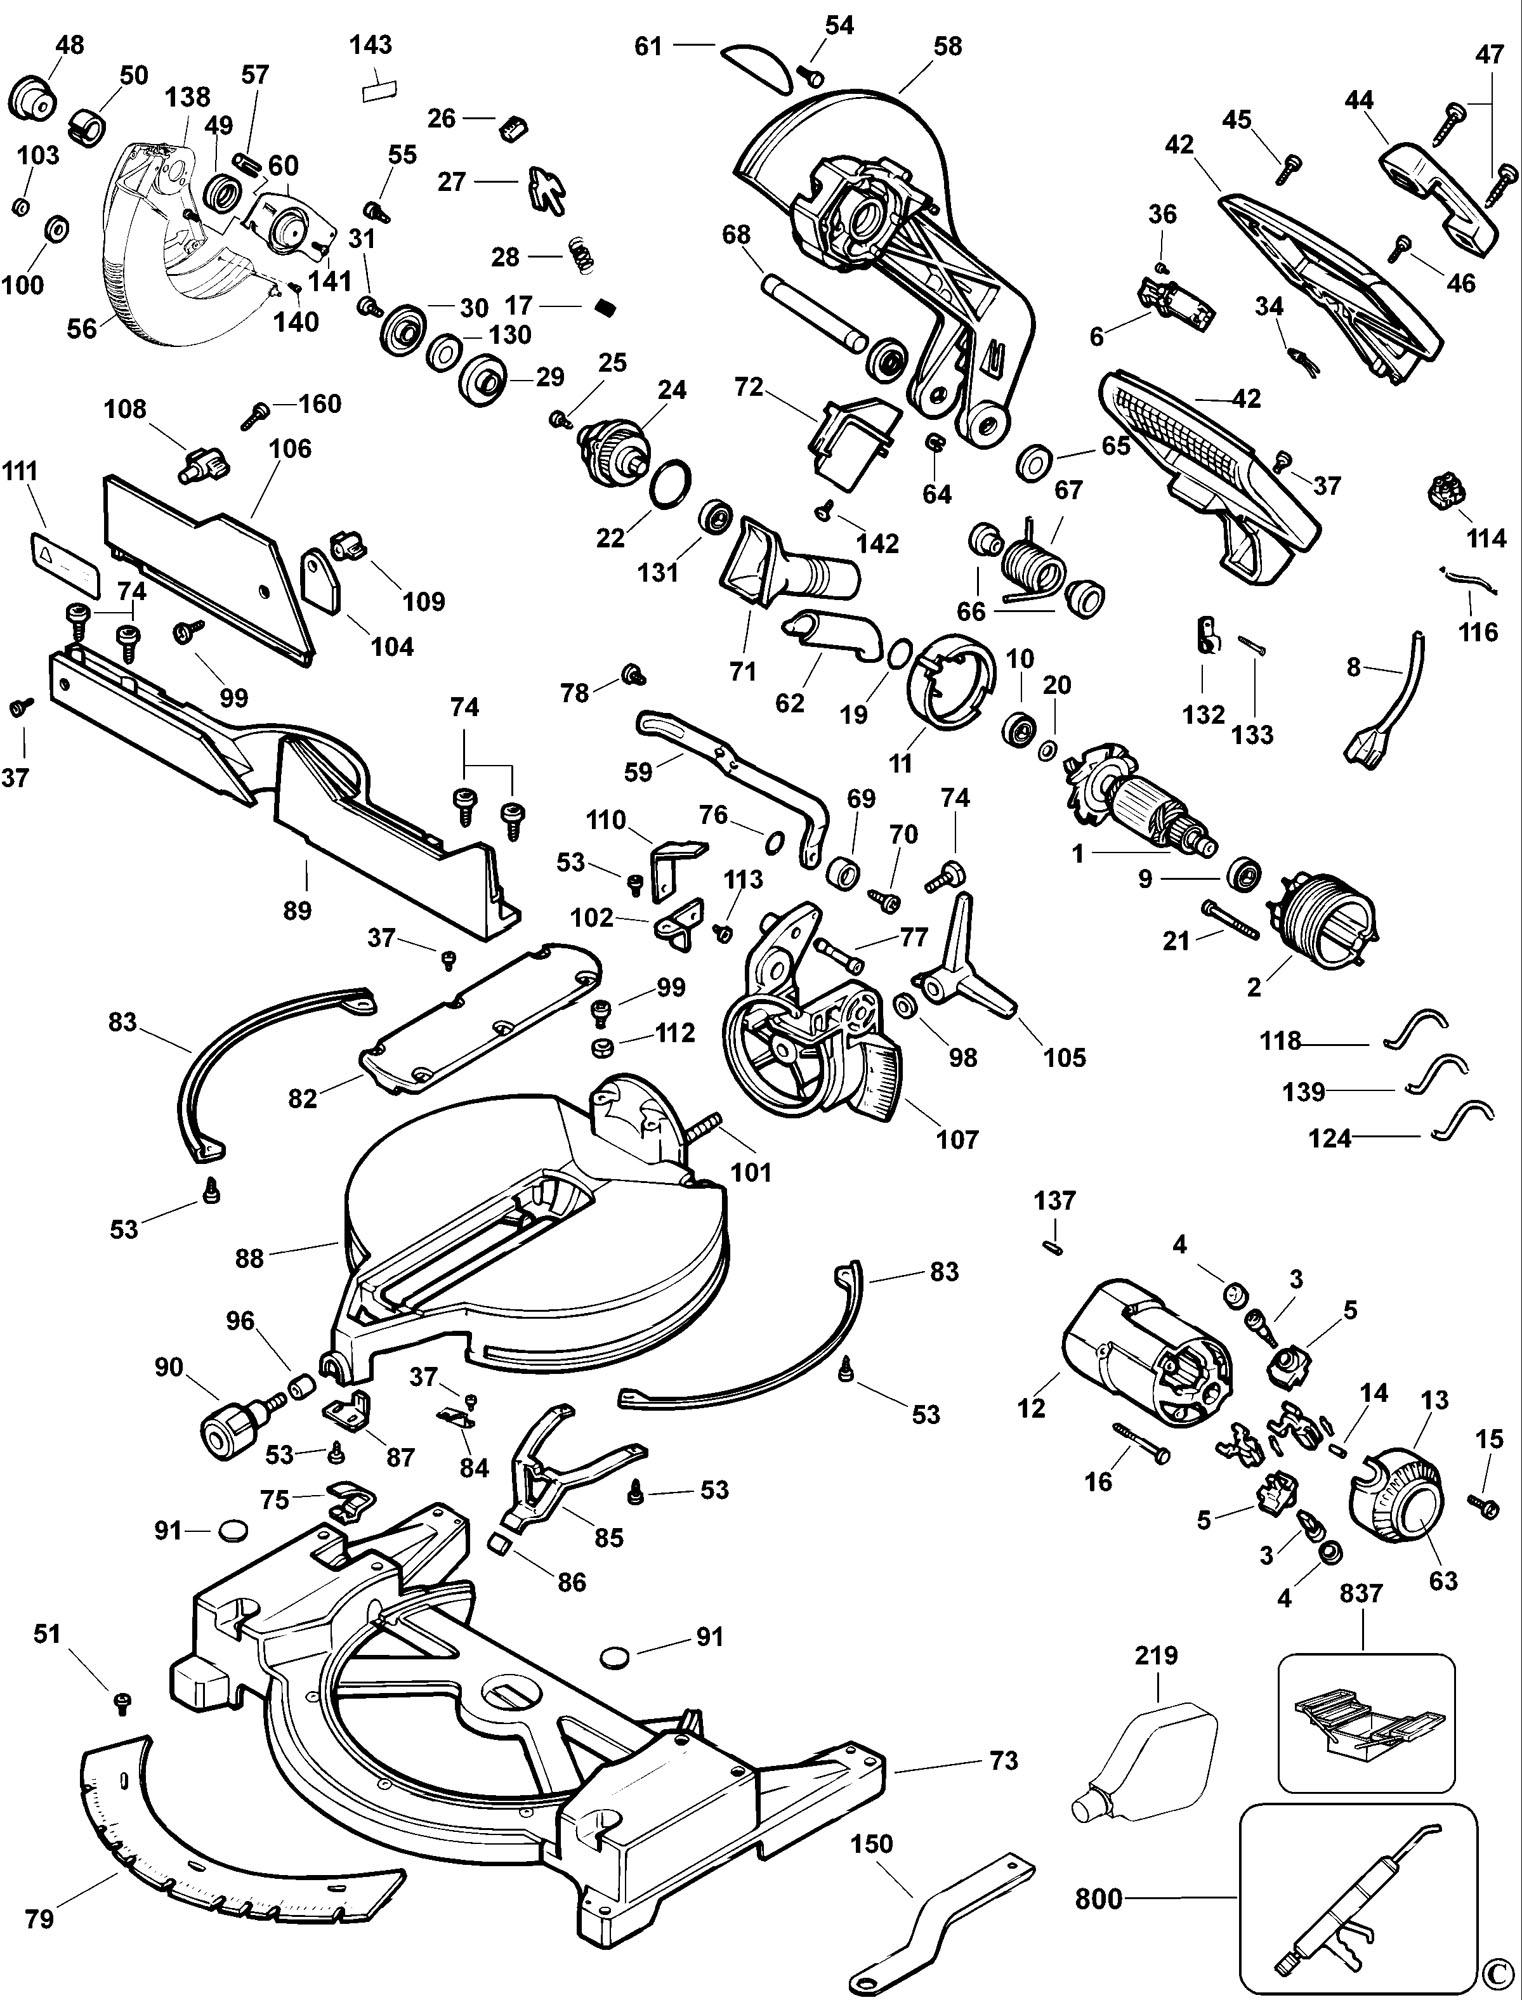 Spares For Dewalt Dw705 Mitre Saw Type 6 Spare Dw705